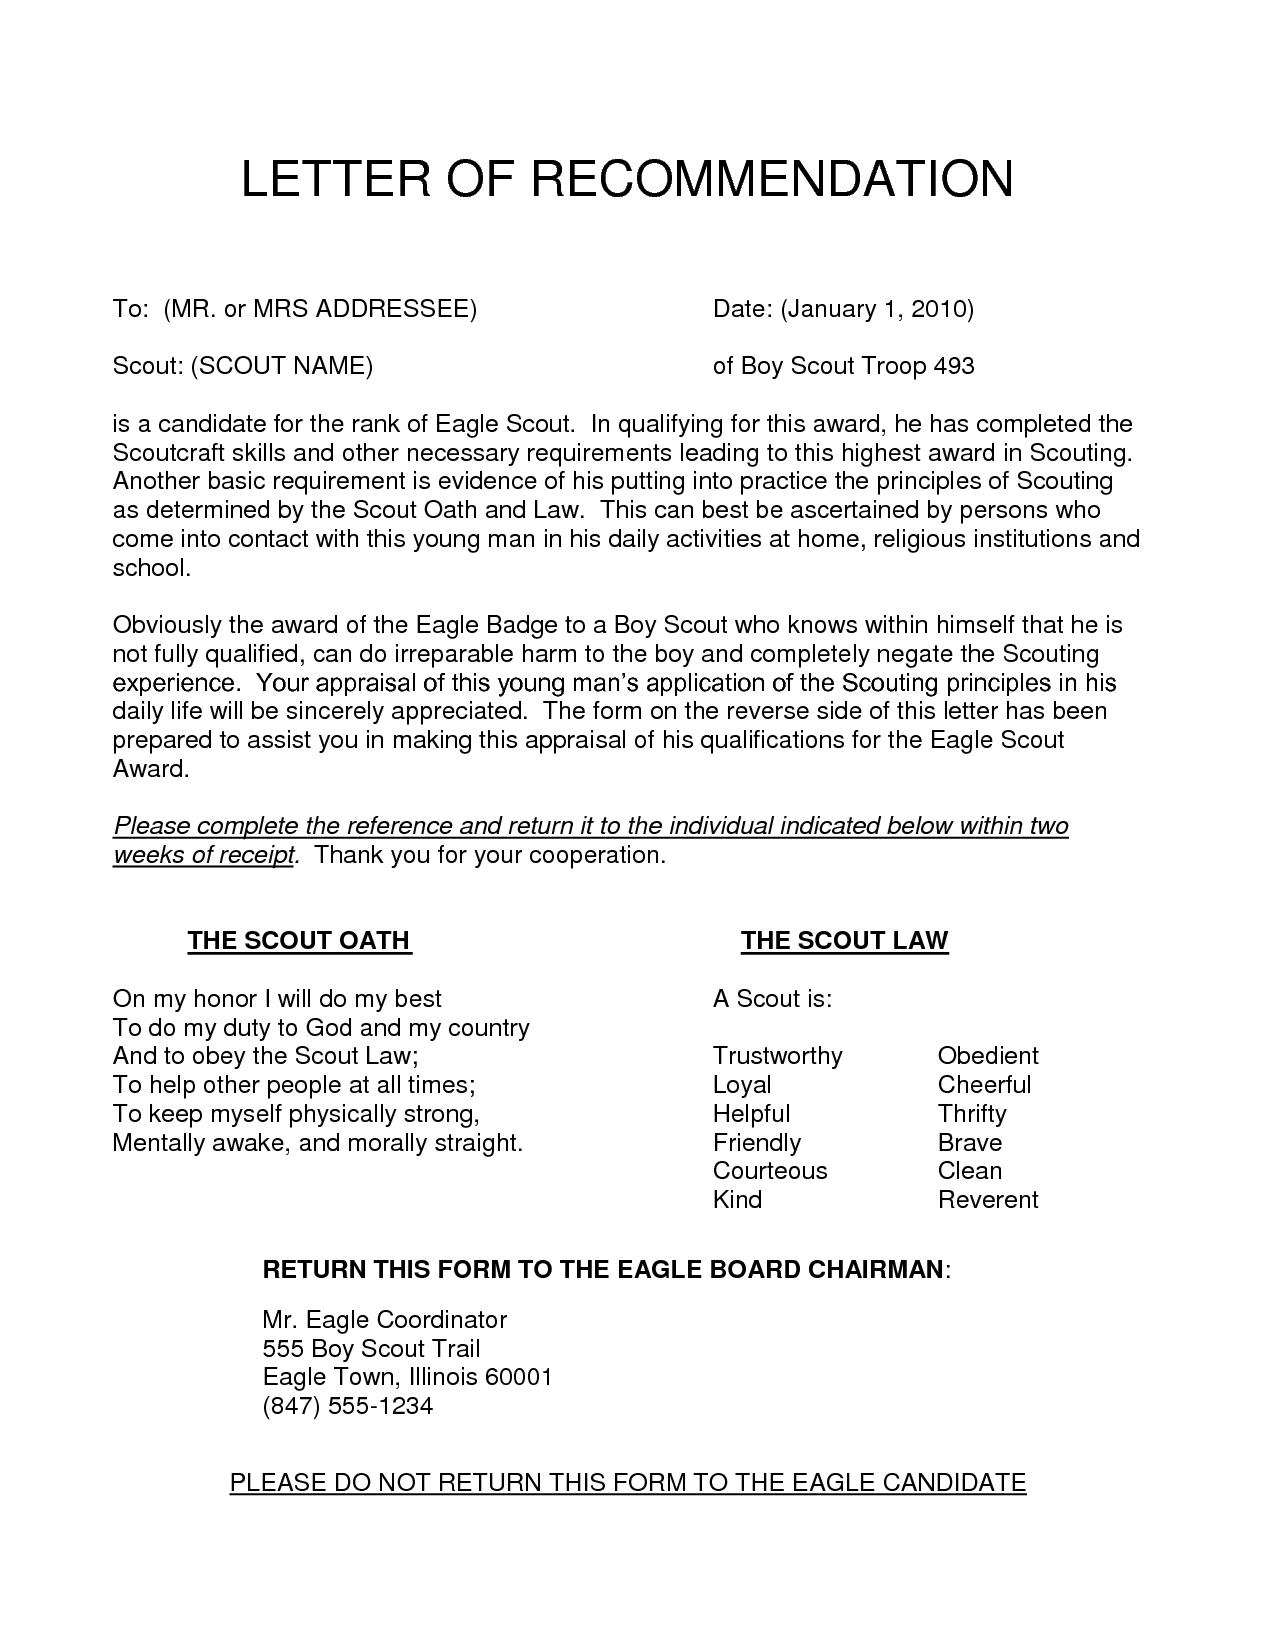 Eagle Recommendation Letter Template - Content 2016 10 Eagle Scout